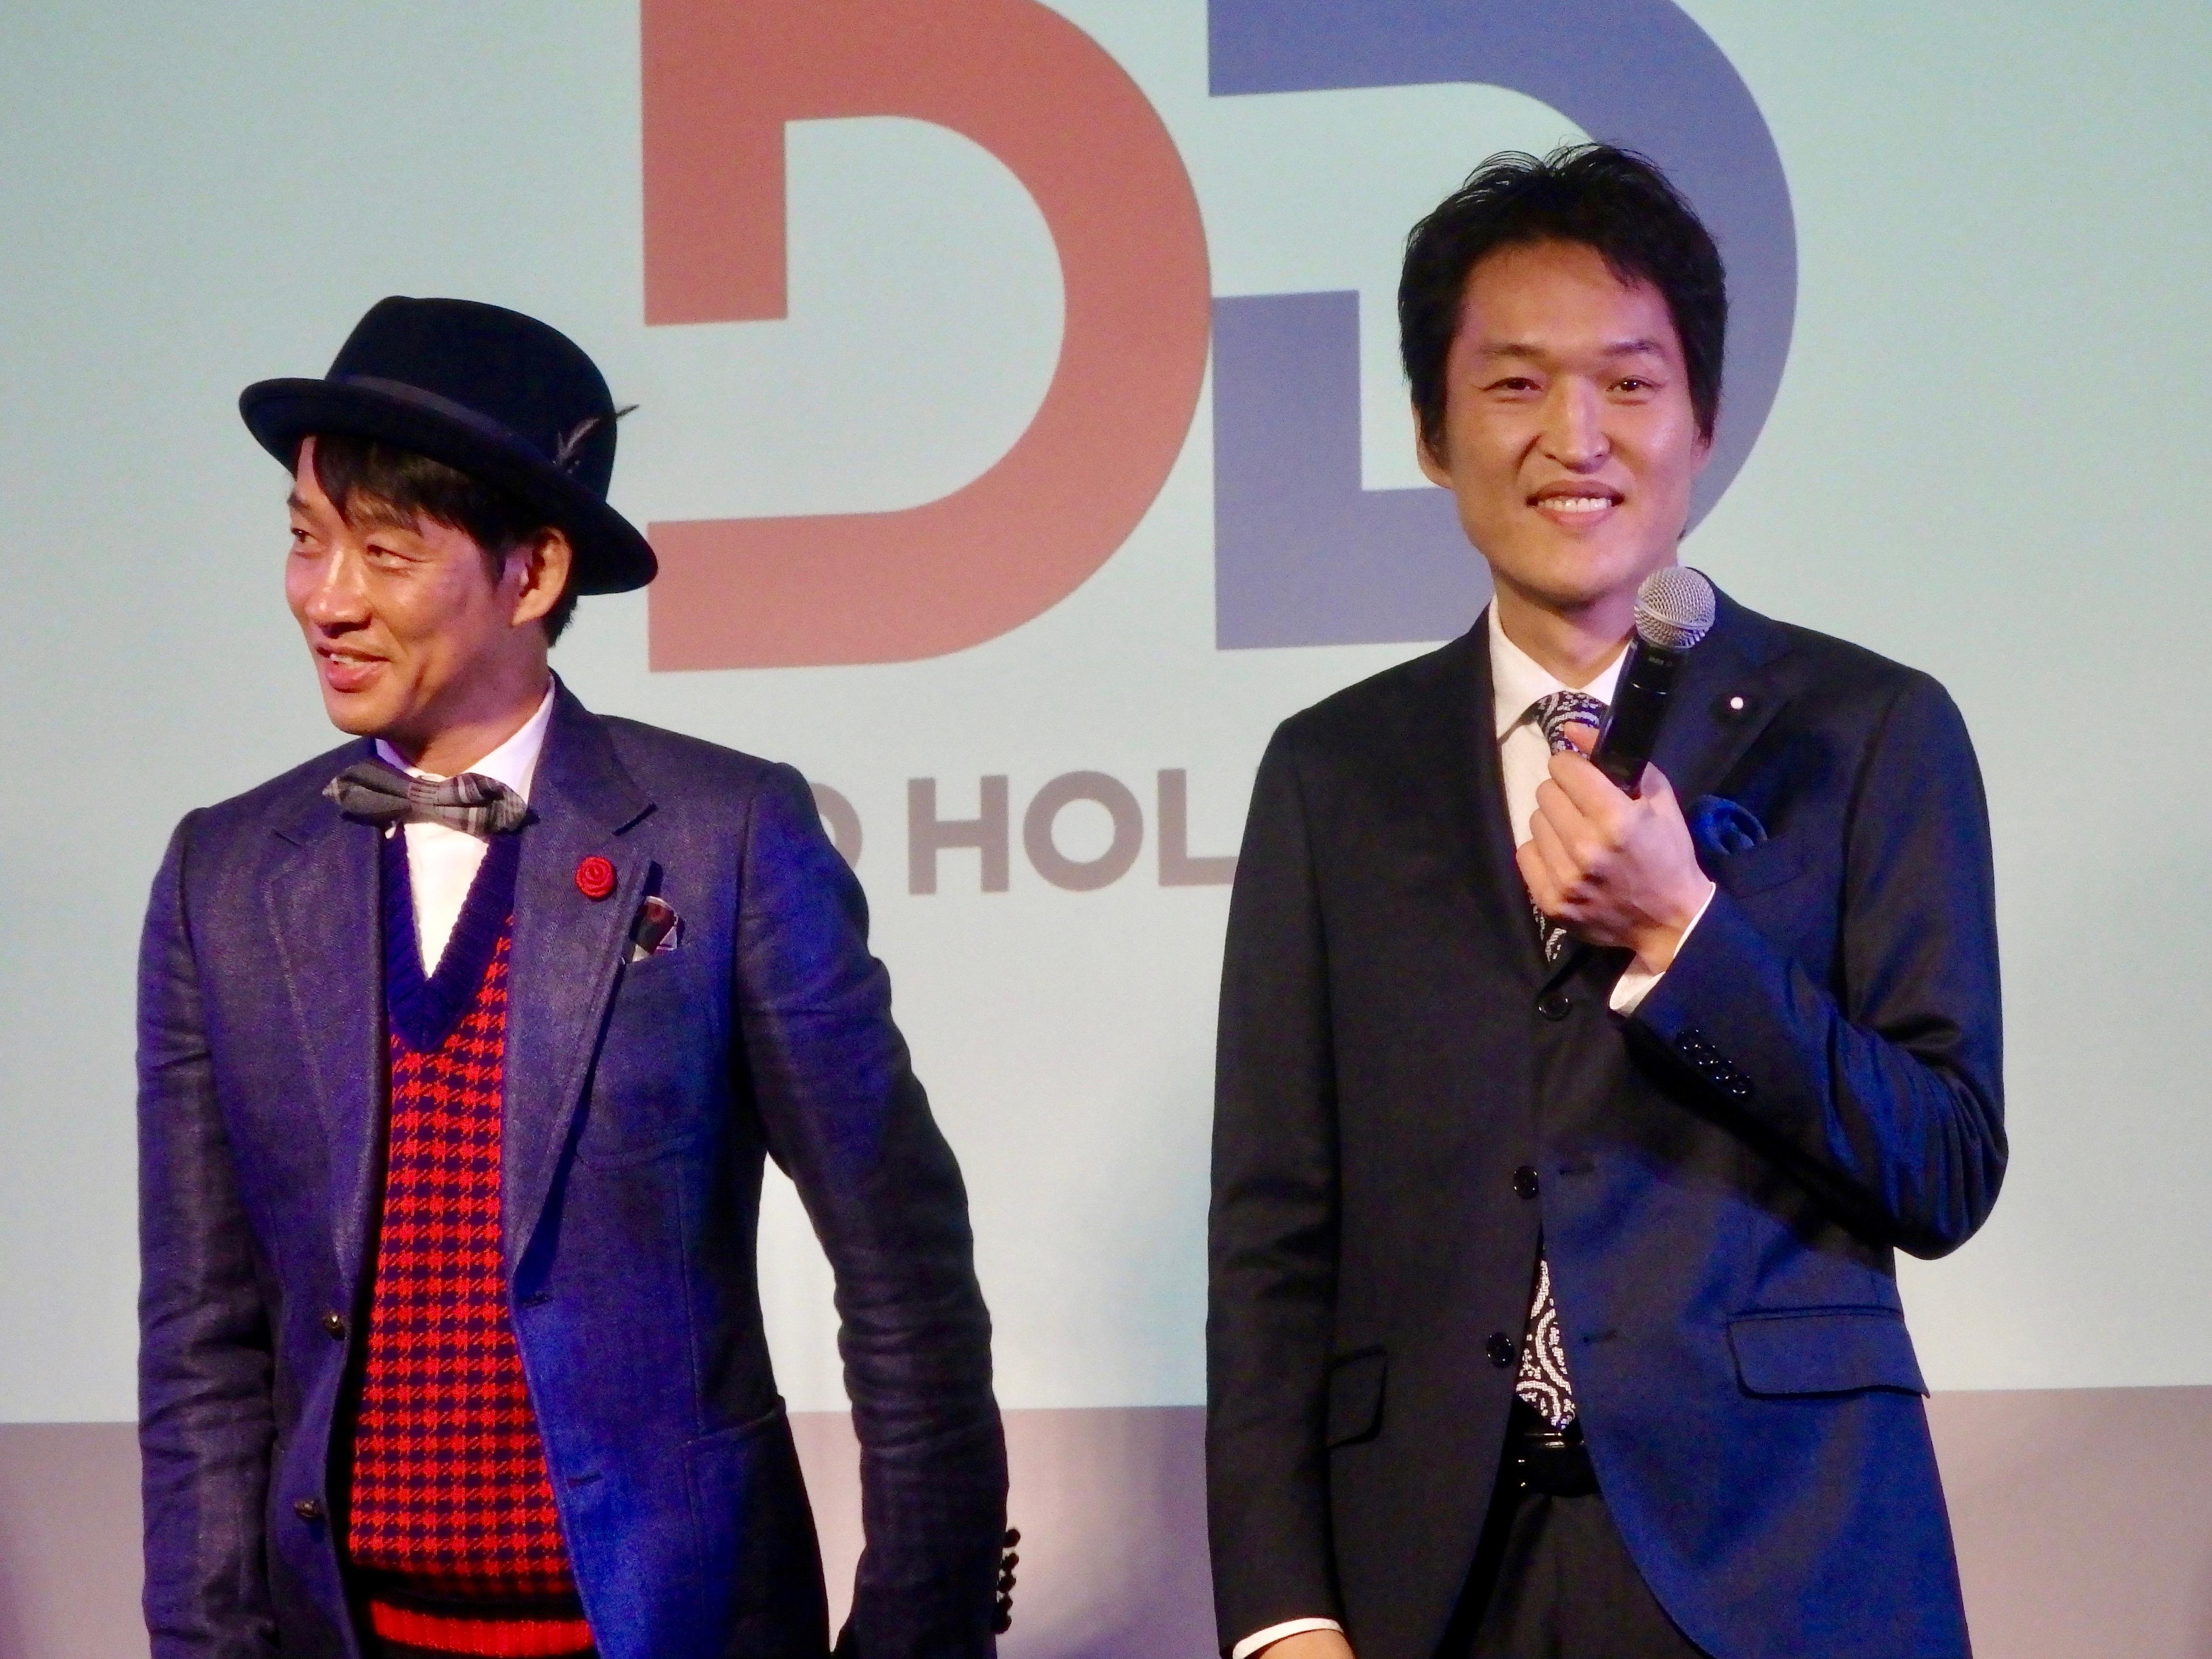 http://news.yoshimoto.co.jp/20170831235131-1af6ab47aa368e528a872ffbc3538b5b8a3e350c.jpg